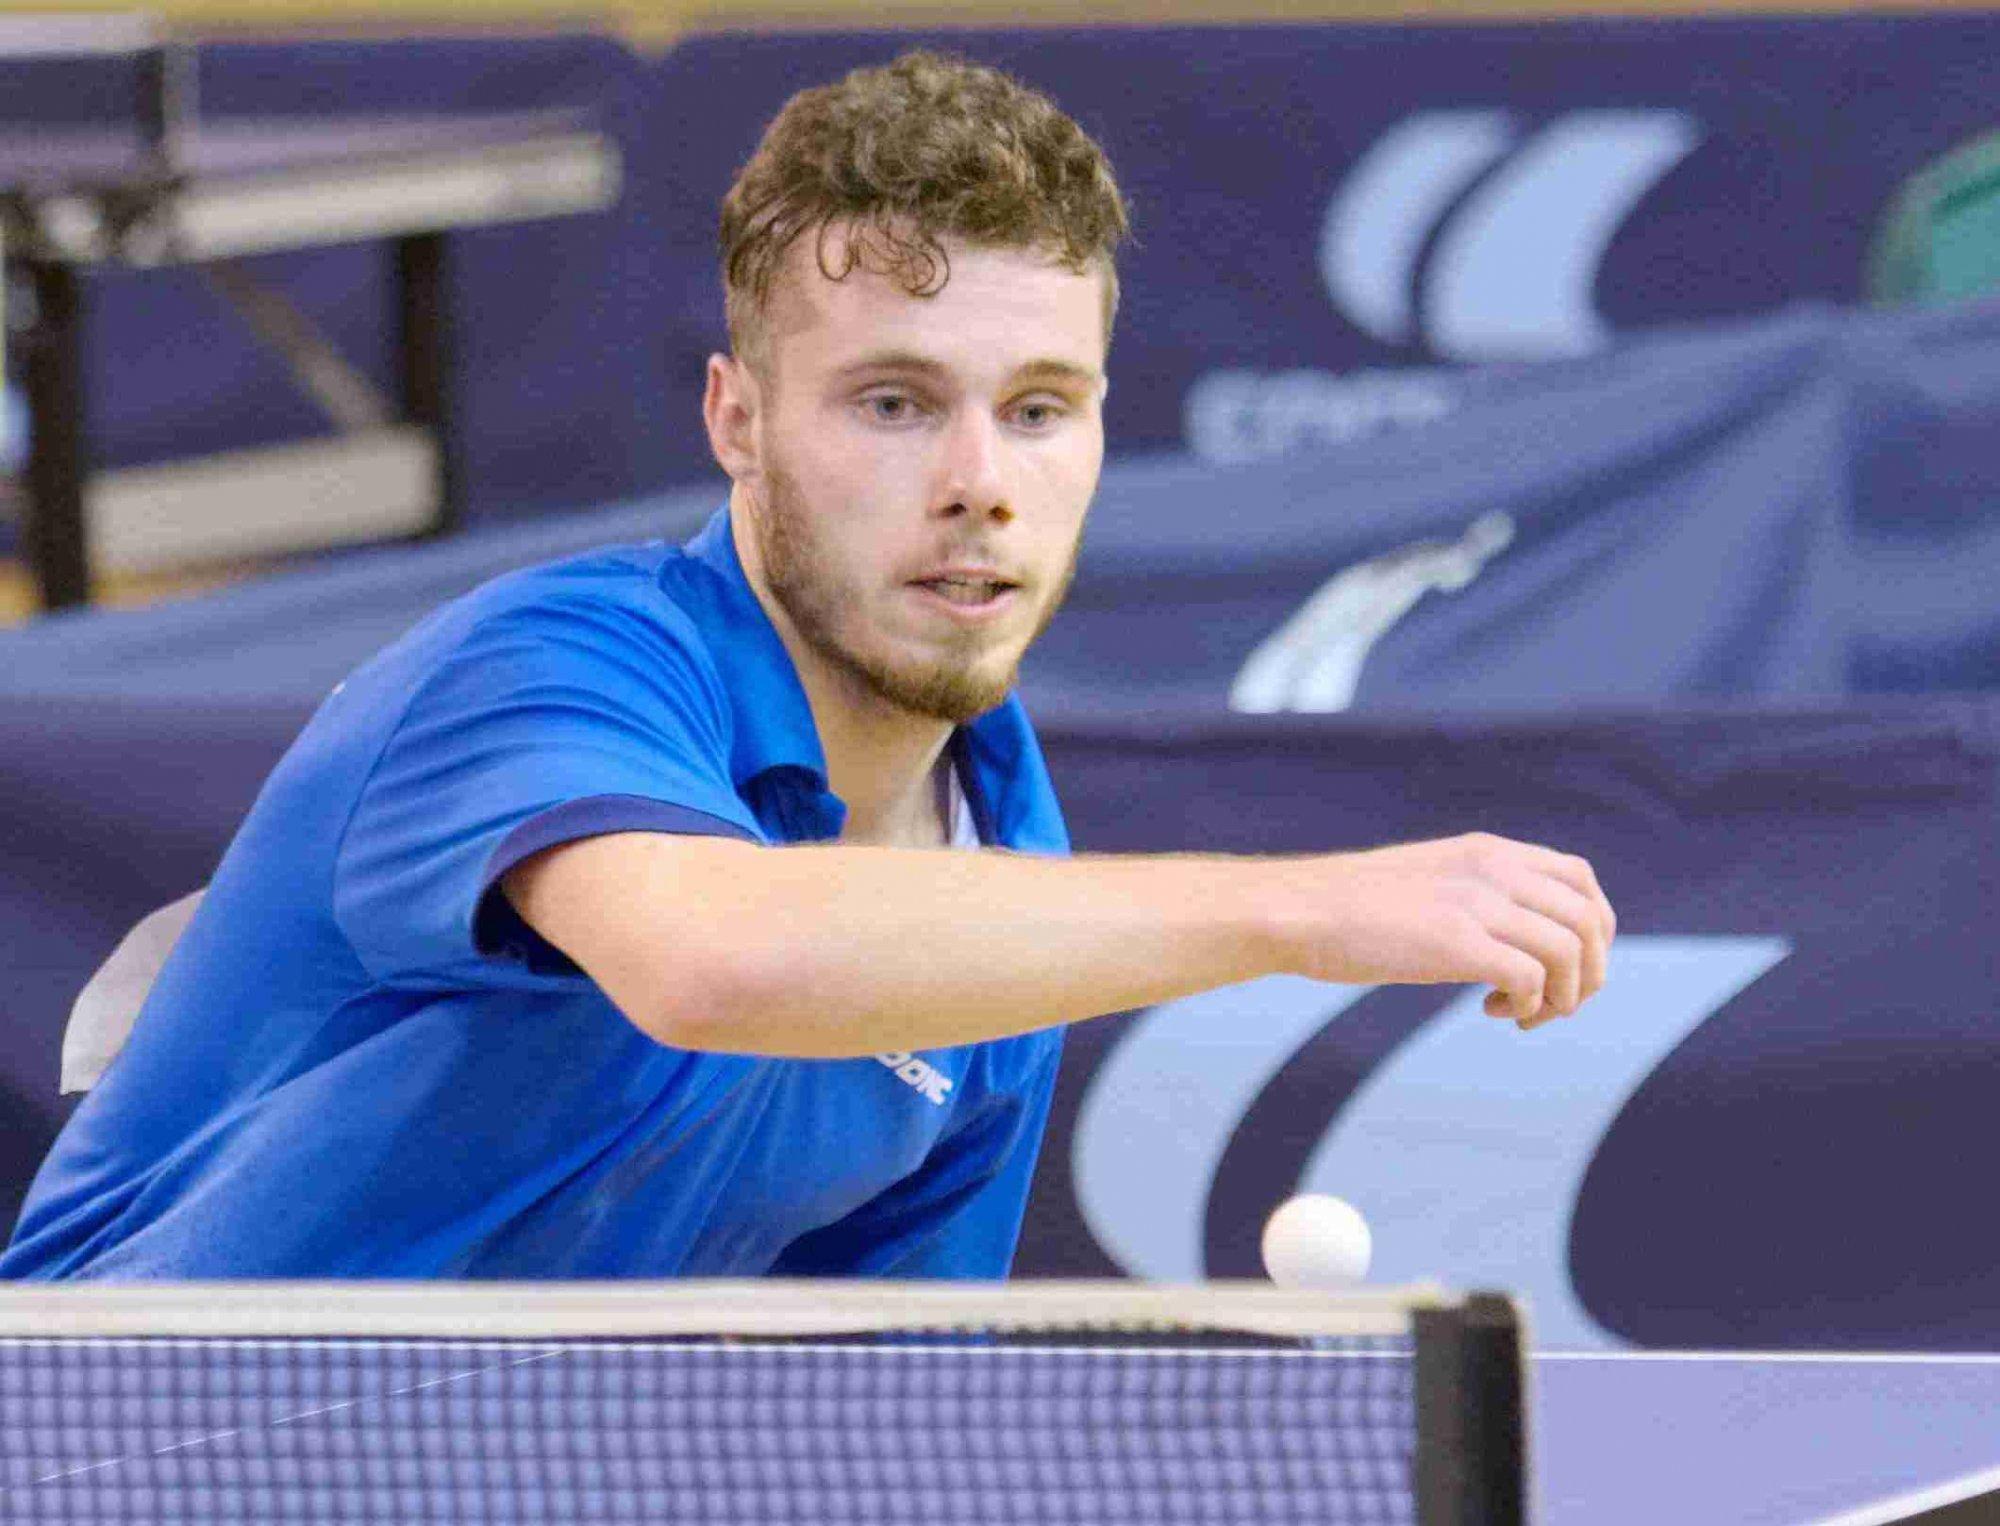 Desk tennis (Critérium Nationale 1): Esteban Dorr (Metz) wins at Le Creusot in Seniors Males A